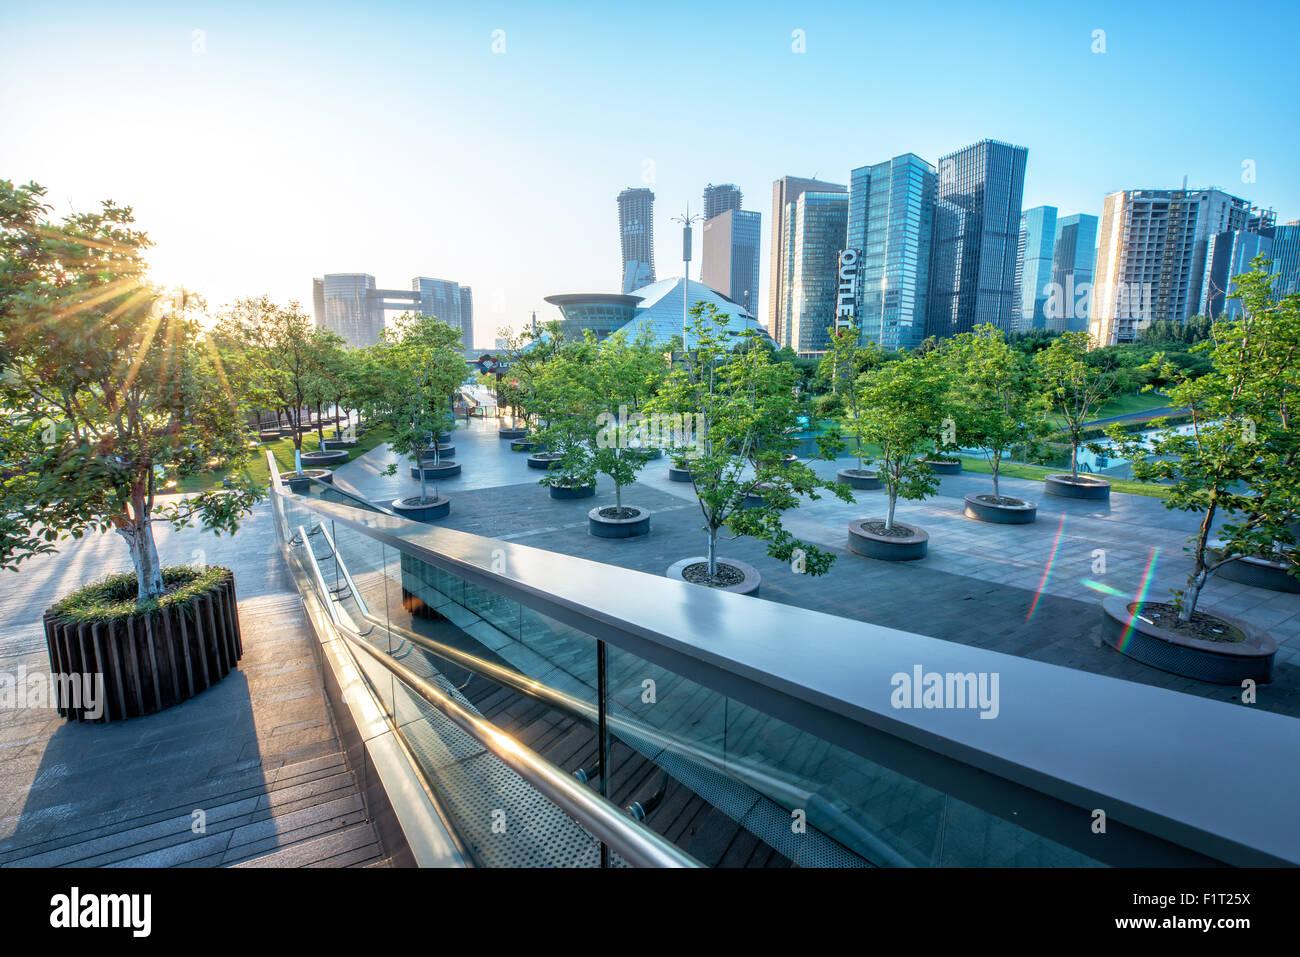 Urban Jungle, Hangzhou Jianggan moderno paisaje urbano en un hermoso día, Hangzhou, Zhejiang, China, Asia Imagen De Stock